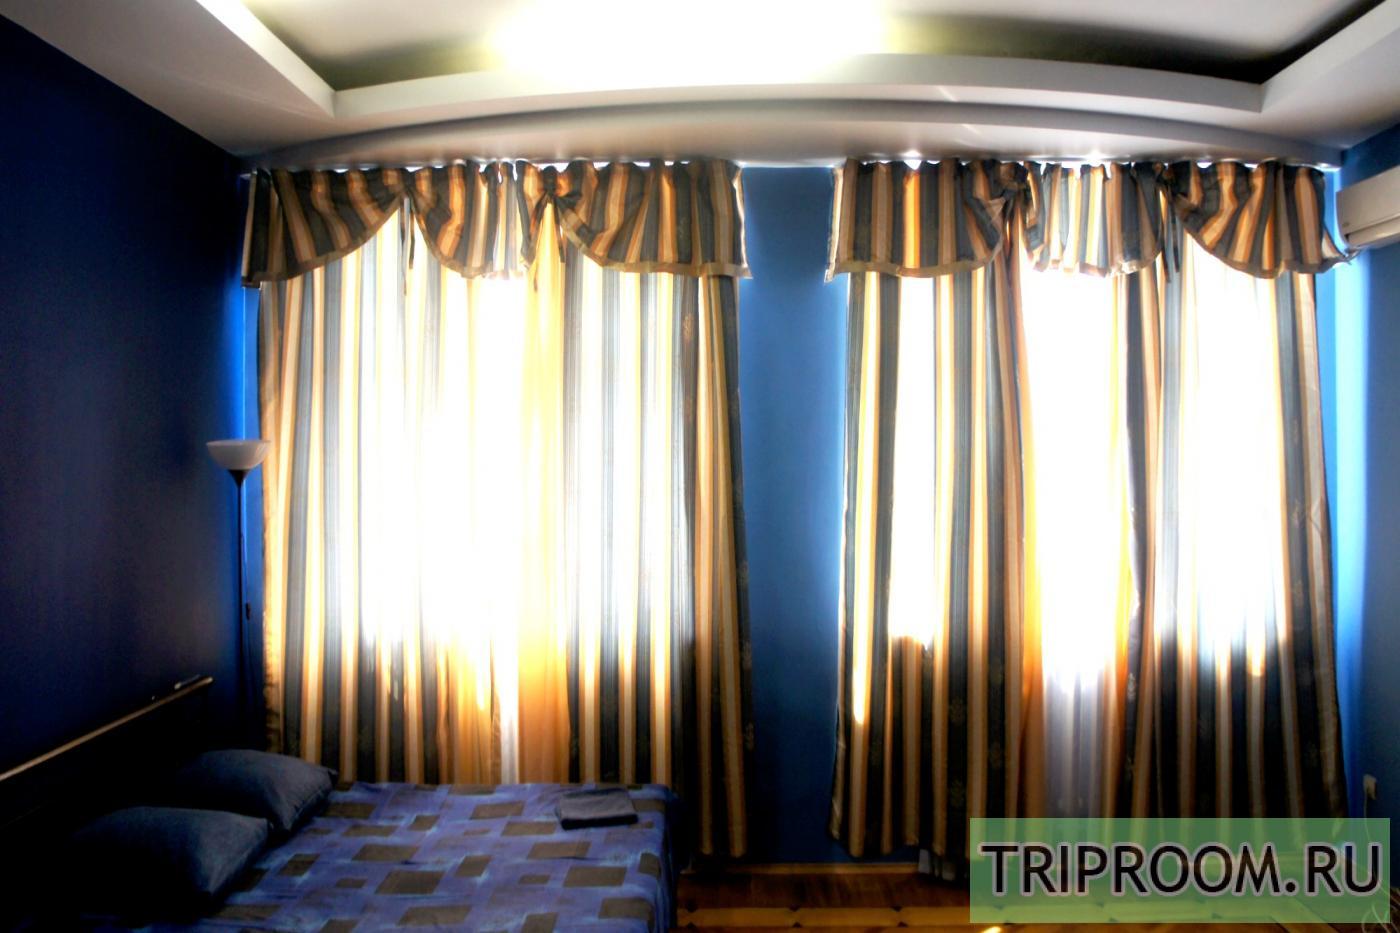 1-комнатная квартира посуточно (вариант № 10563), ул. Володарского улица, фото № 2